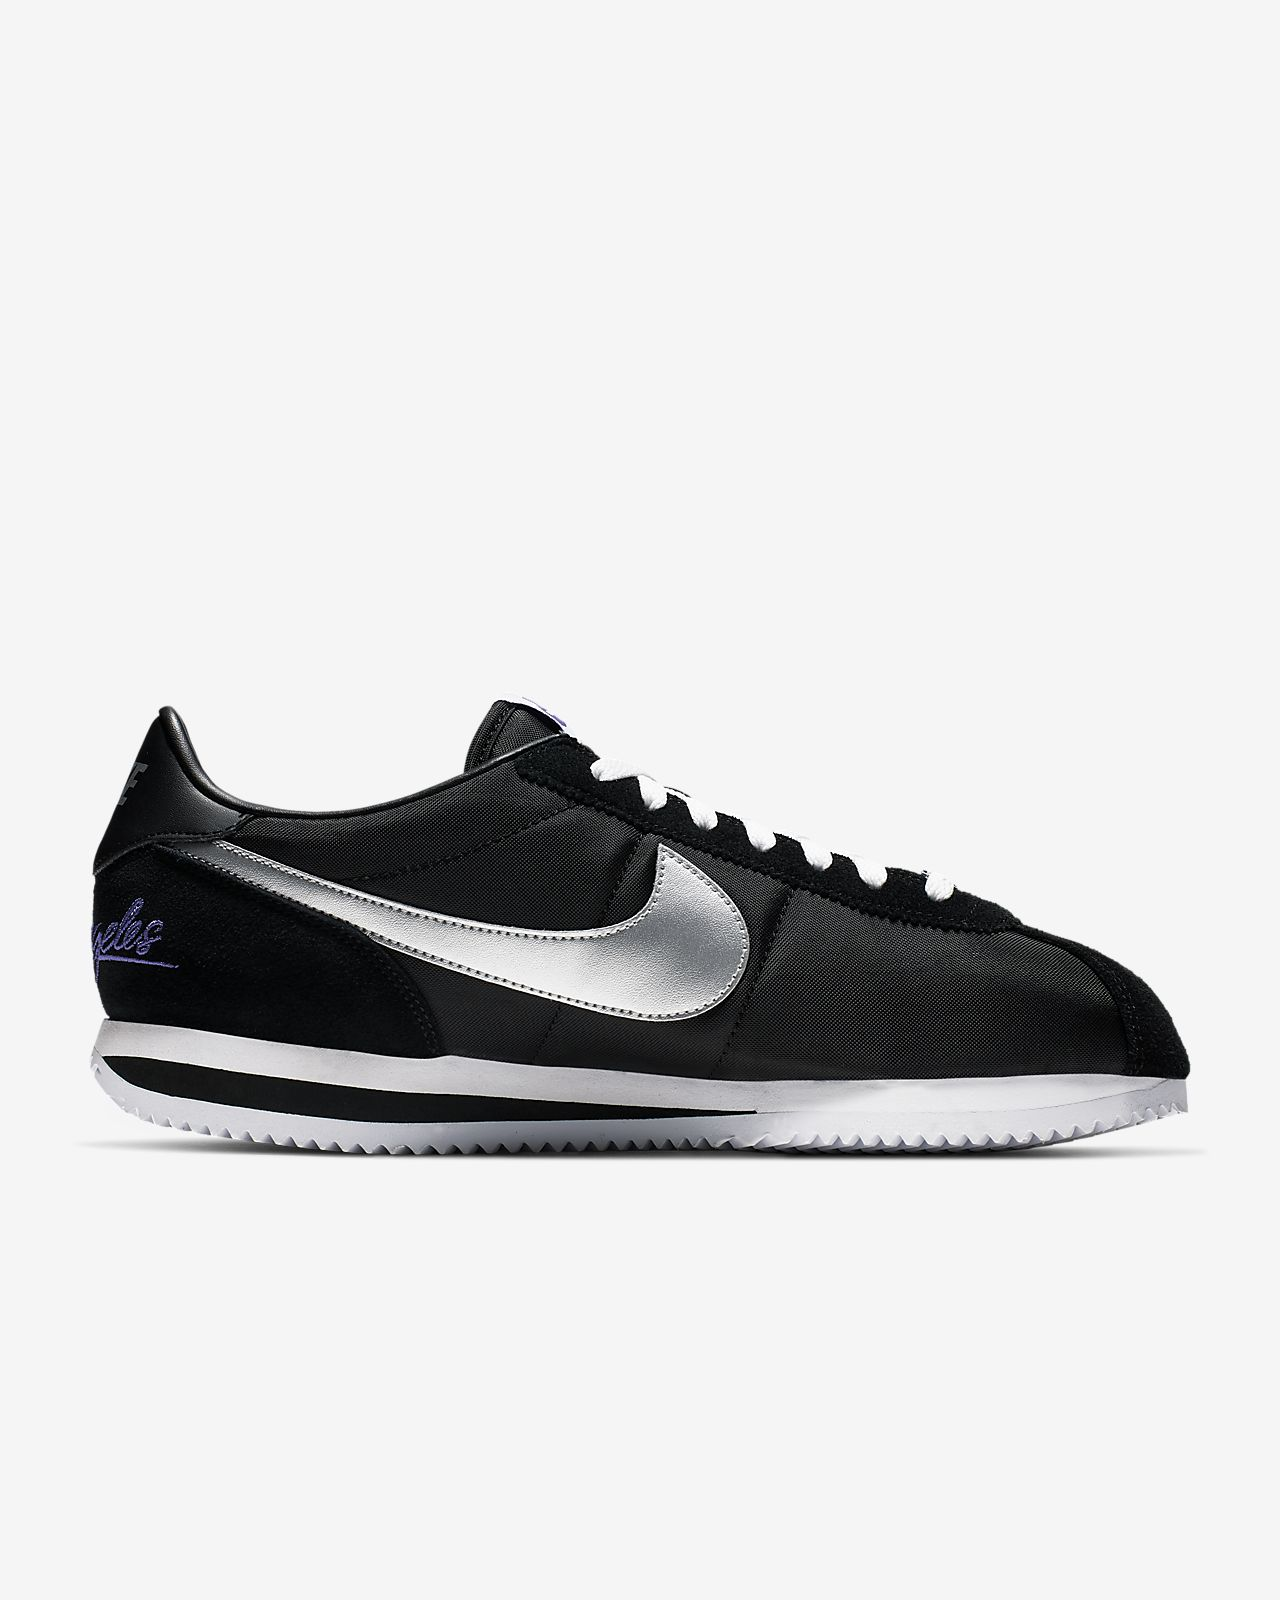 wholesale dealer a0e6e 8cbc1 ... Nike Cortez Basic Mens  Shoe